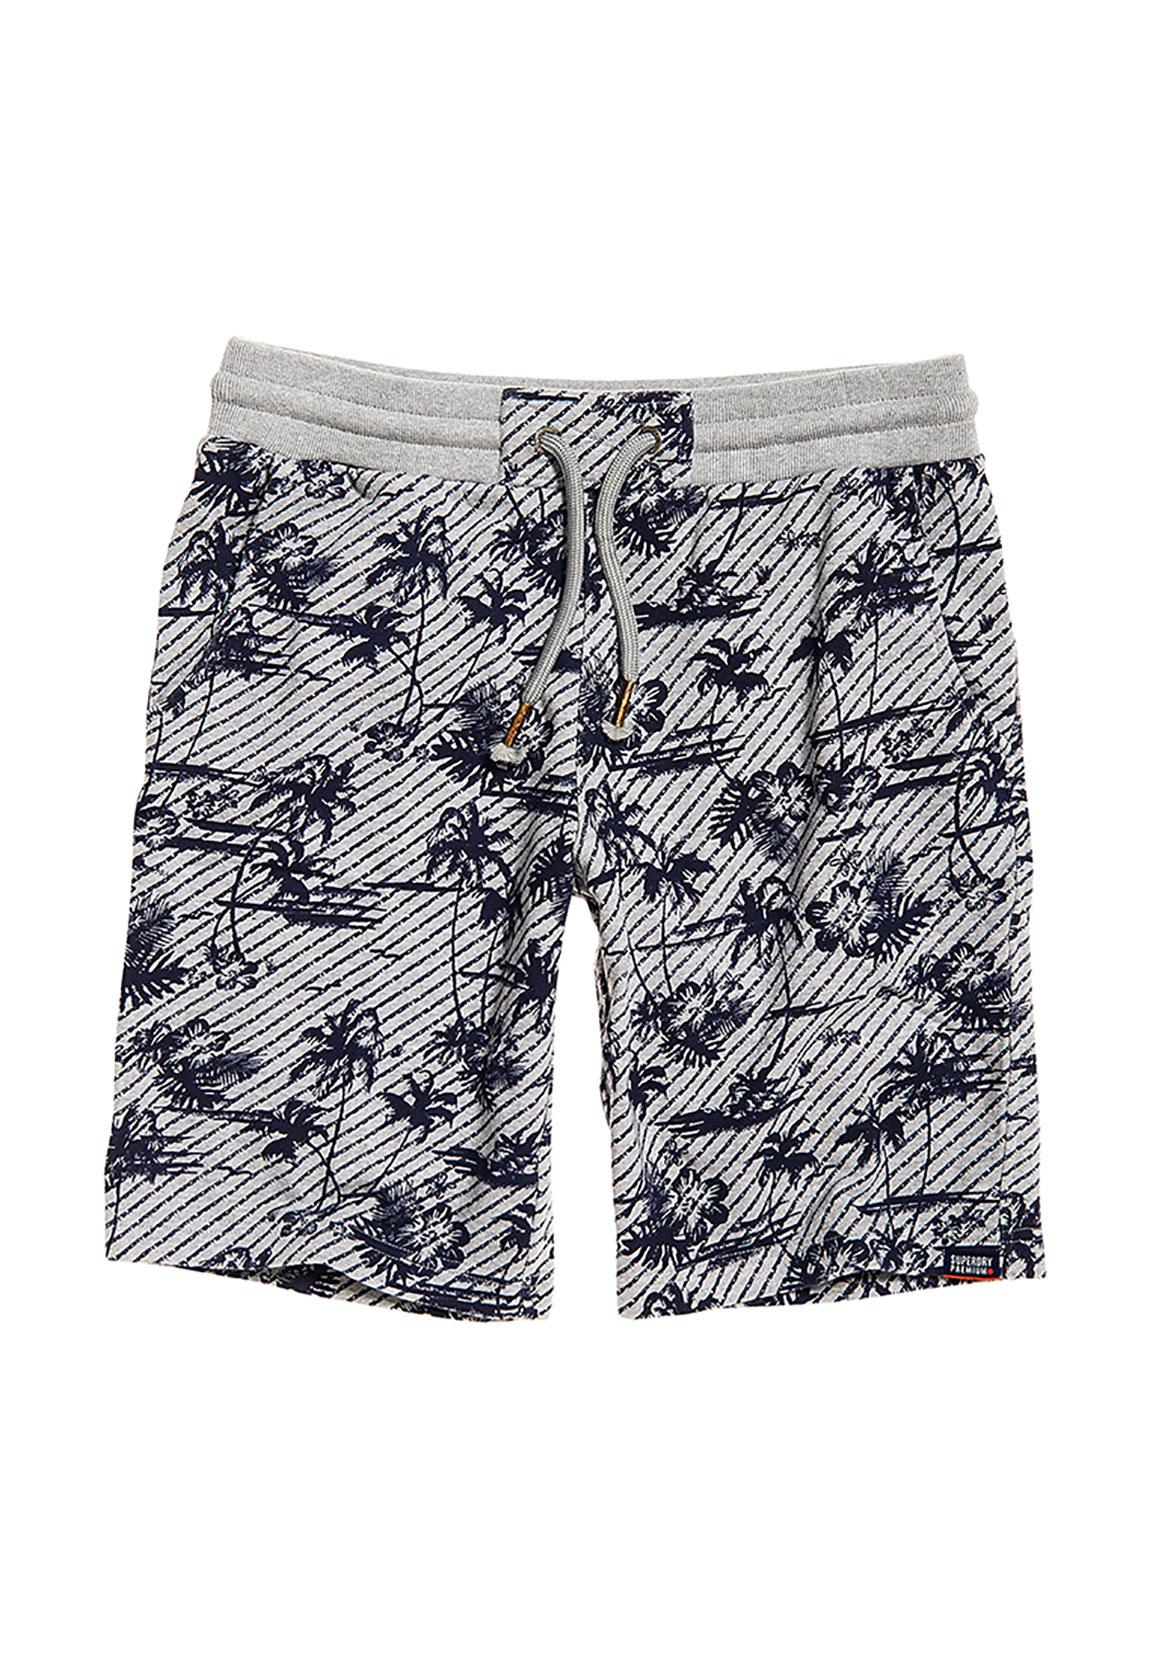 suche nach authentisch Einzelhandelspreise letzte Auswahl Grey SHORT Marl Palm Marl Logo Shorts AOP WASHED Superdry ...